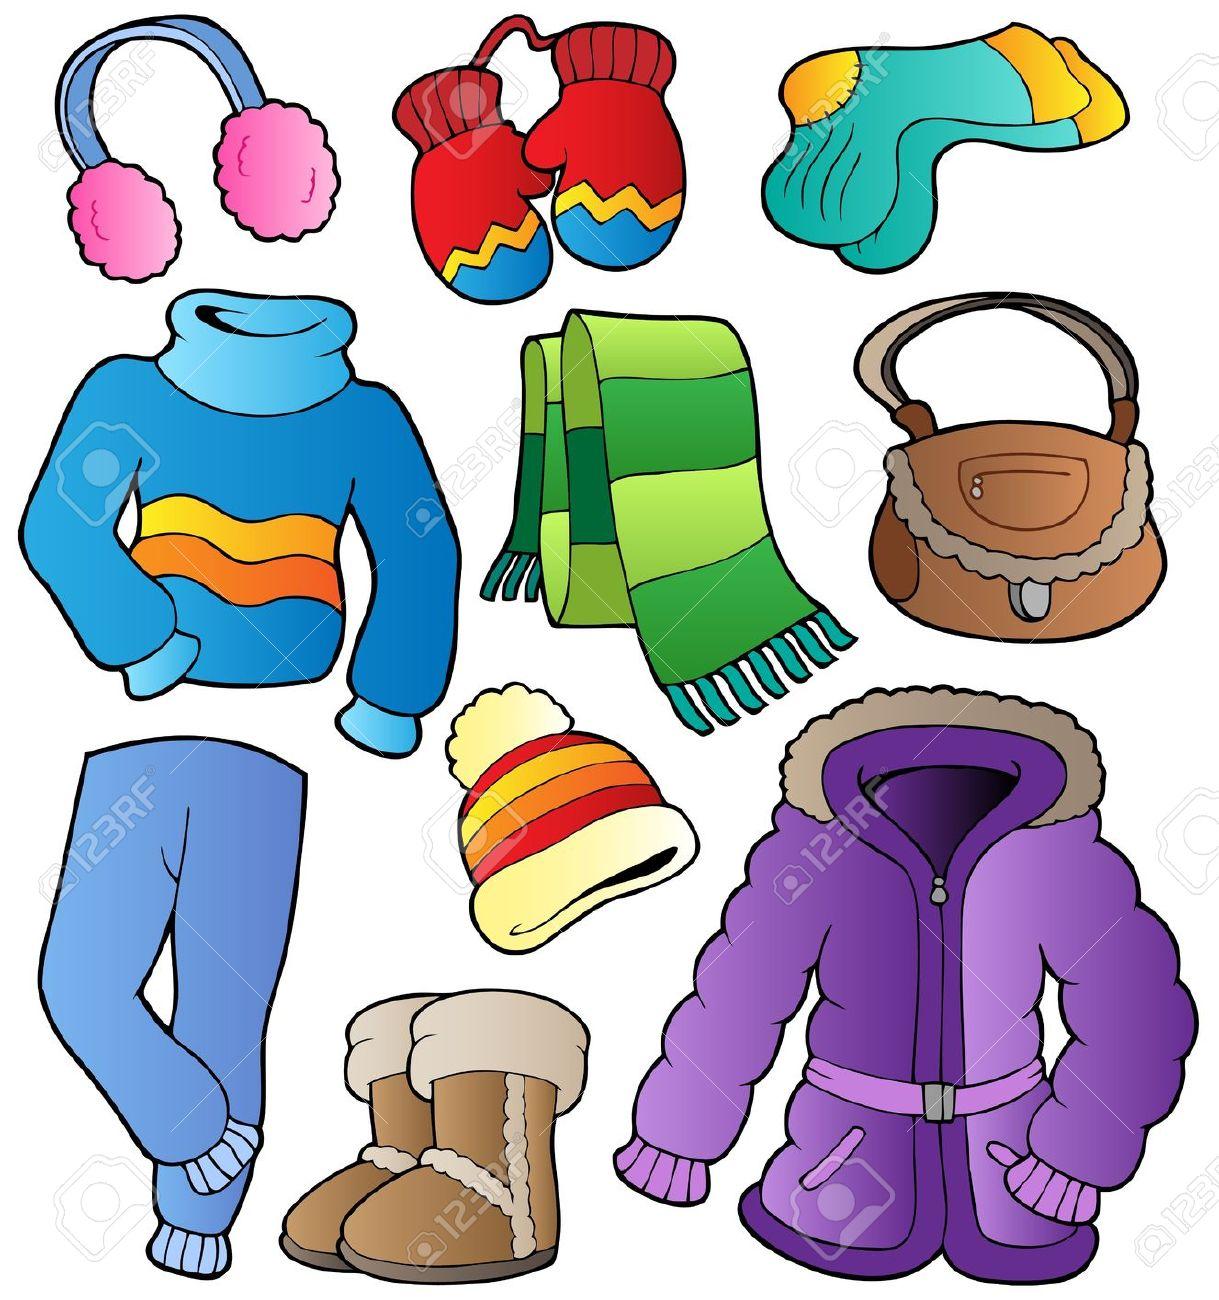 Winter clipart preschool Hľadať Winter pages clothes winter